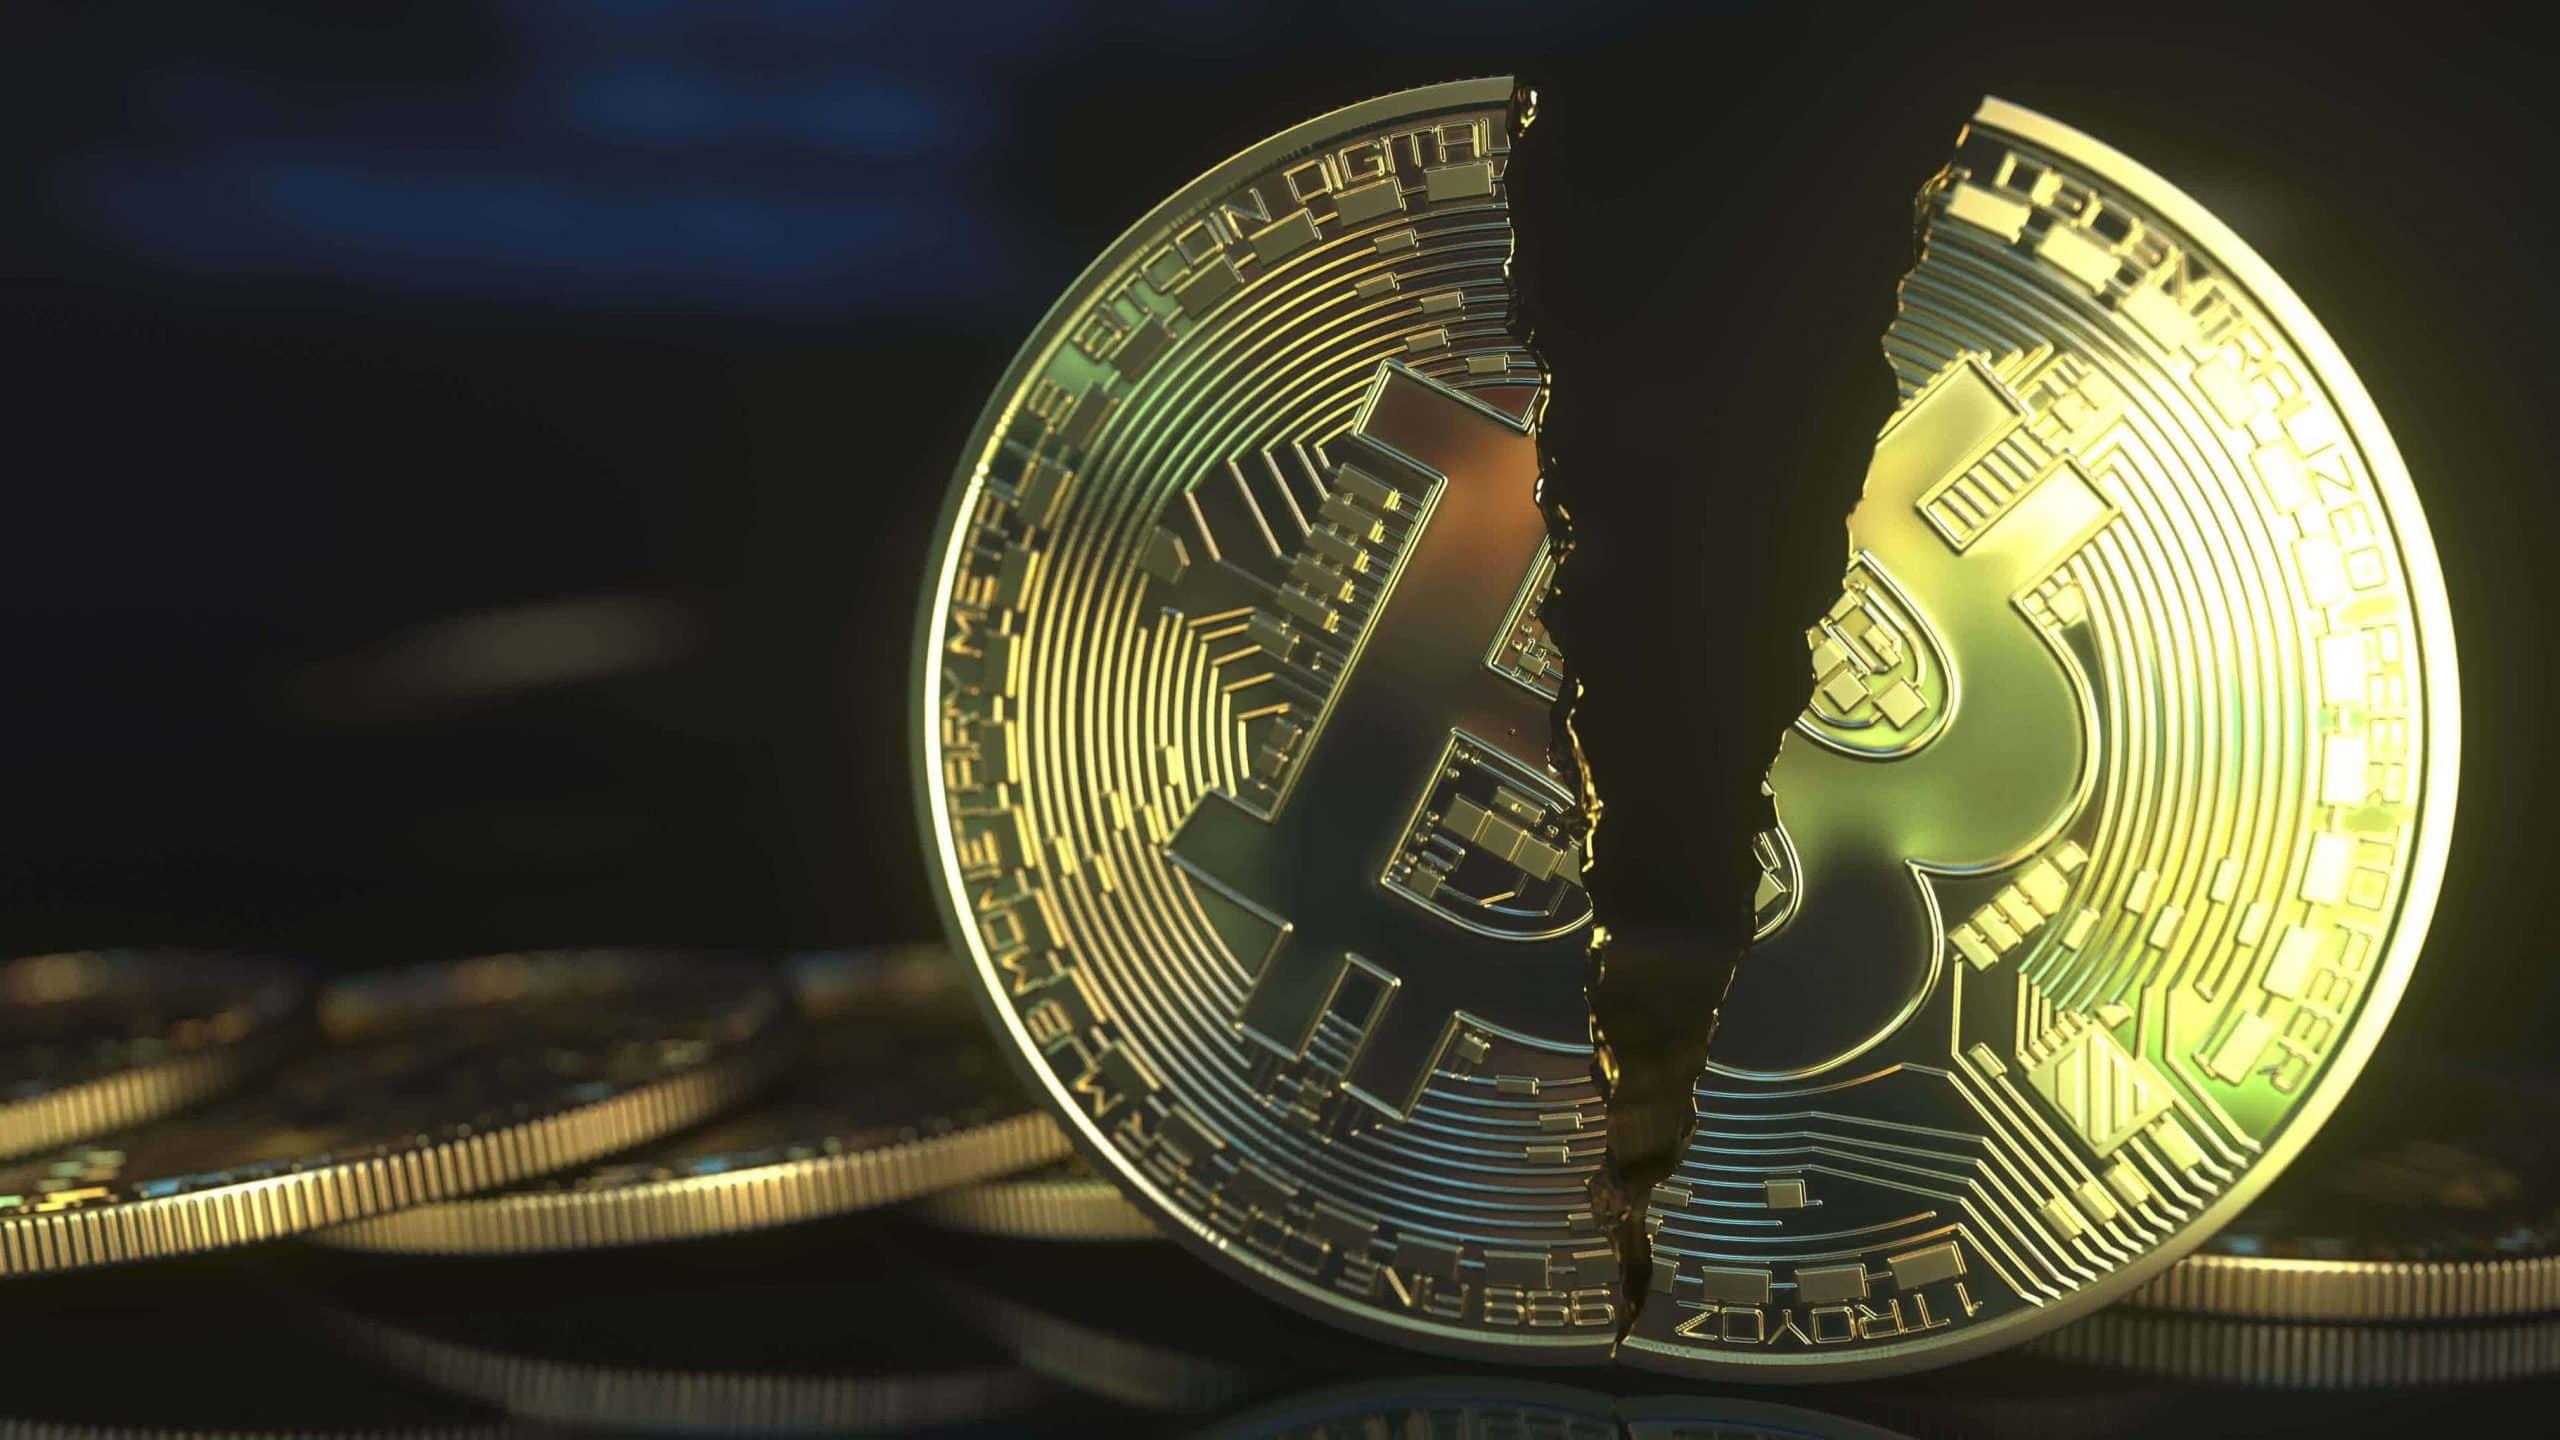 Eine in der Mitte gespaltene Bitcoin-Münze